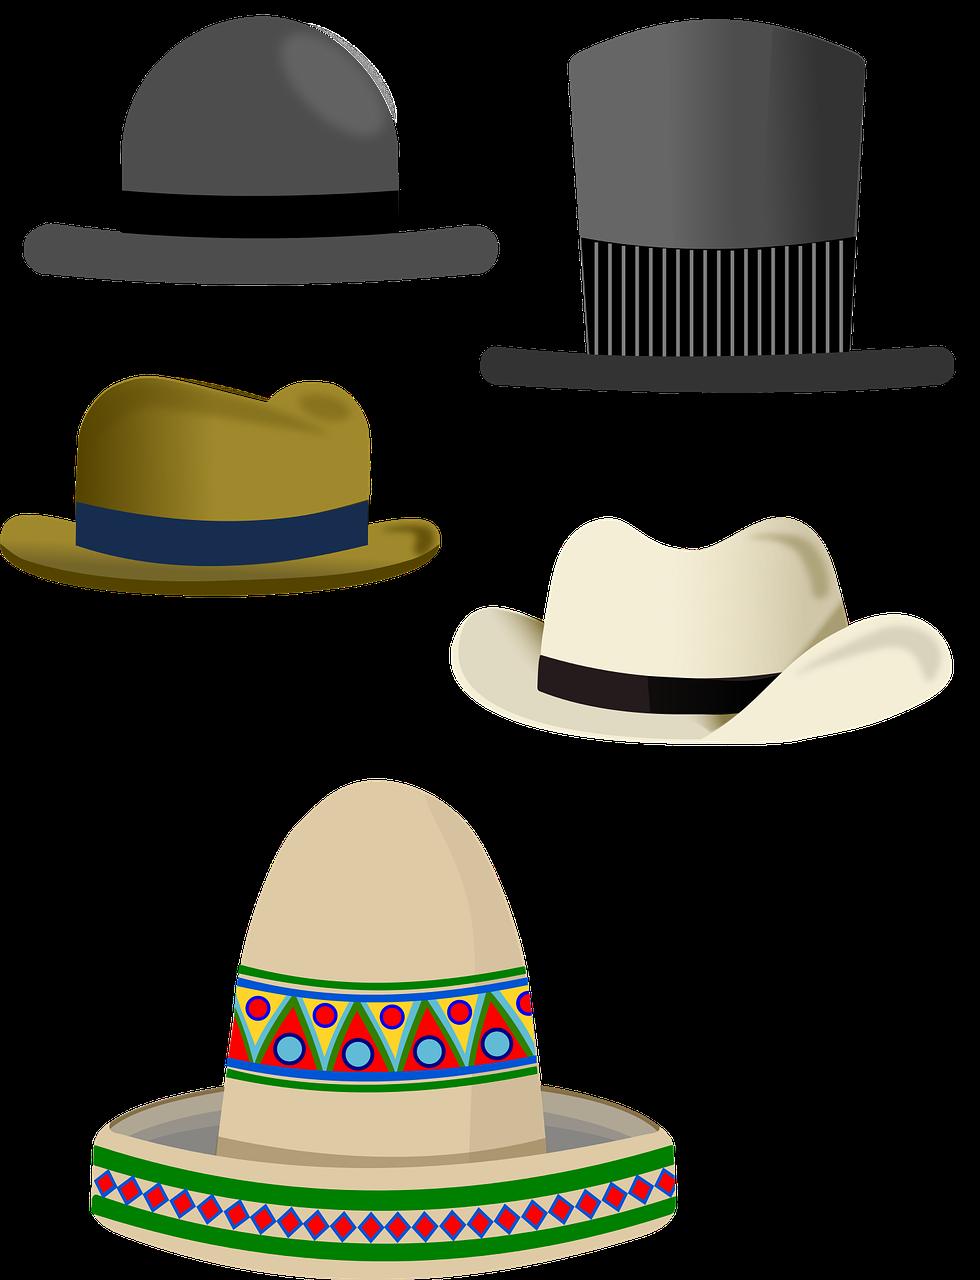 hat-2149630_1280